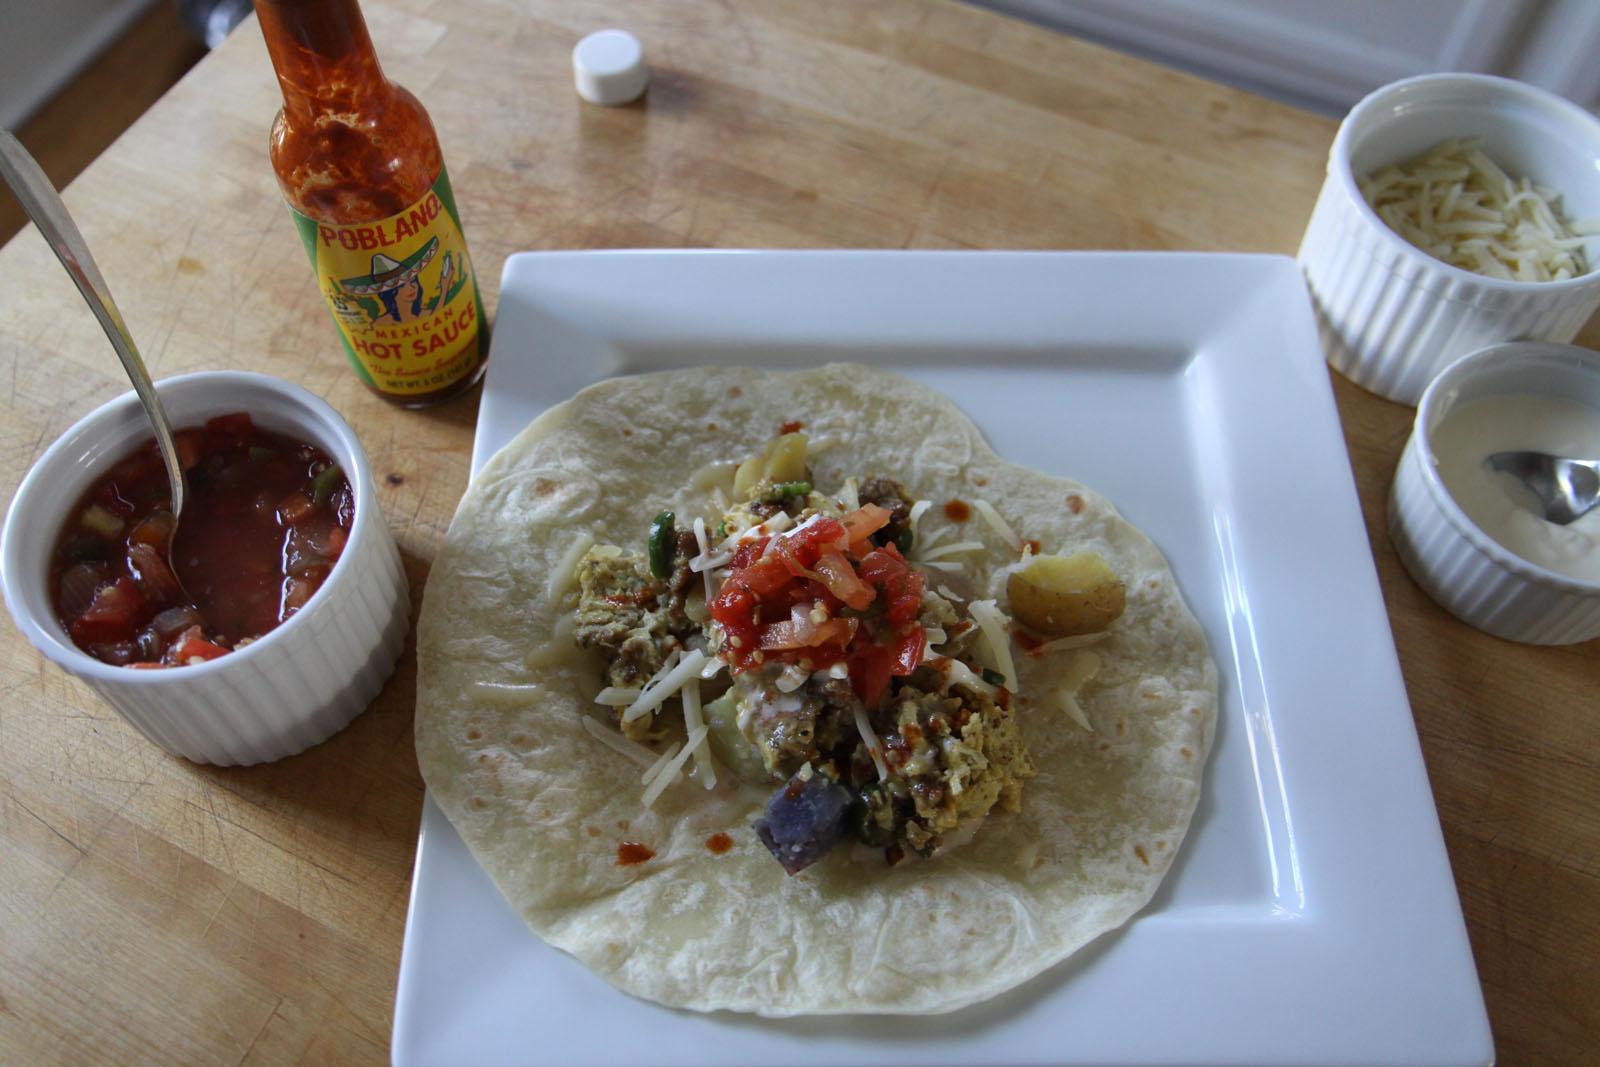 burrito featured